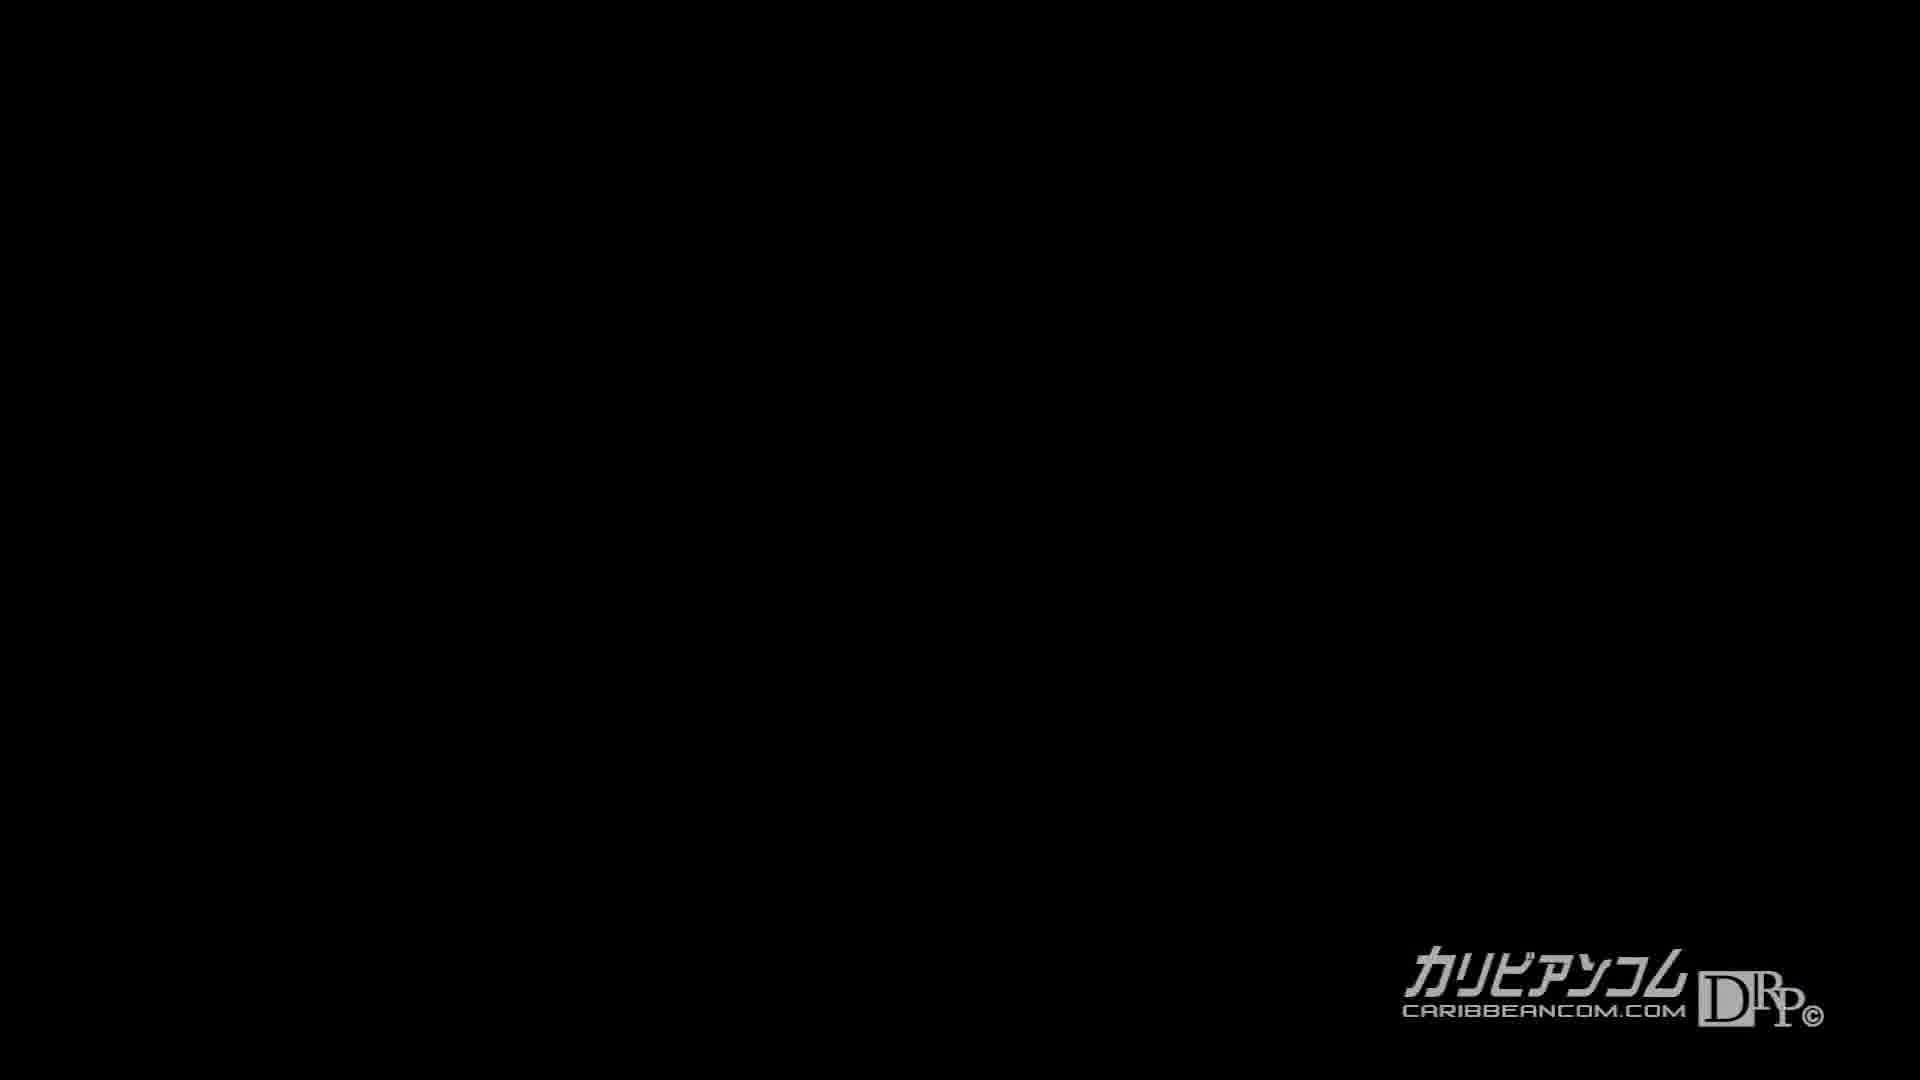 スカイエンジェル 165 パート 1 - 楓乃々花【痴女・アナル・ぶっかけ】